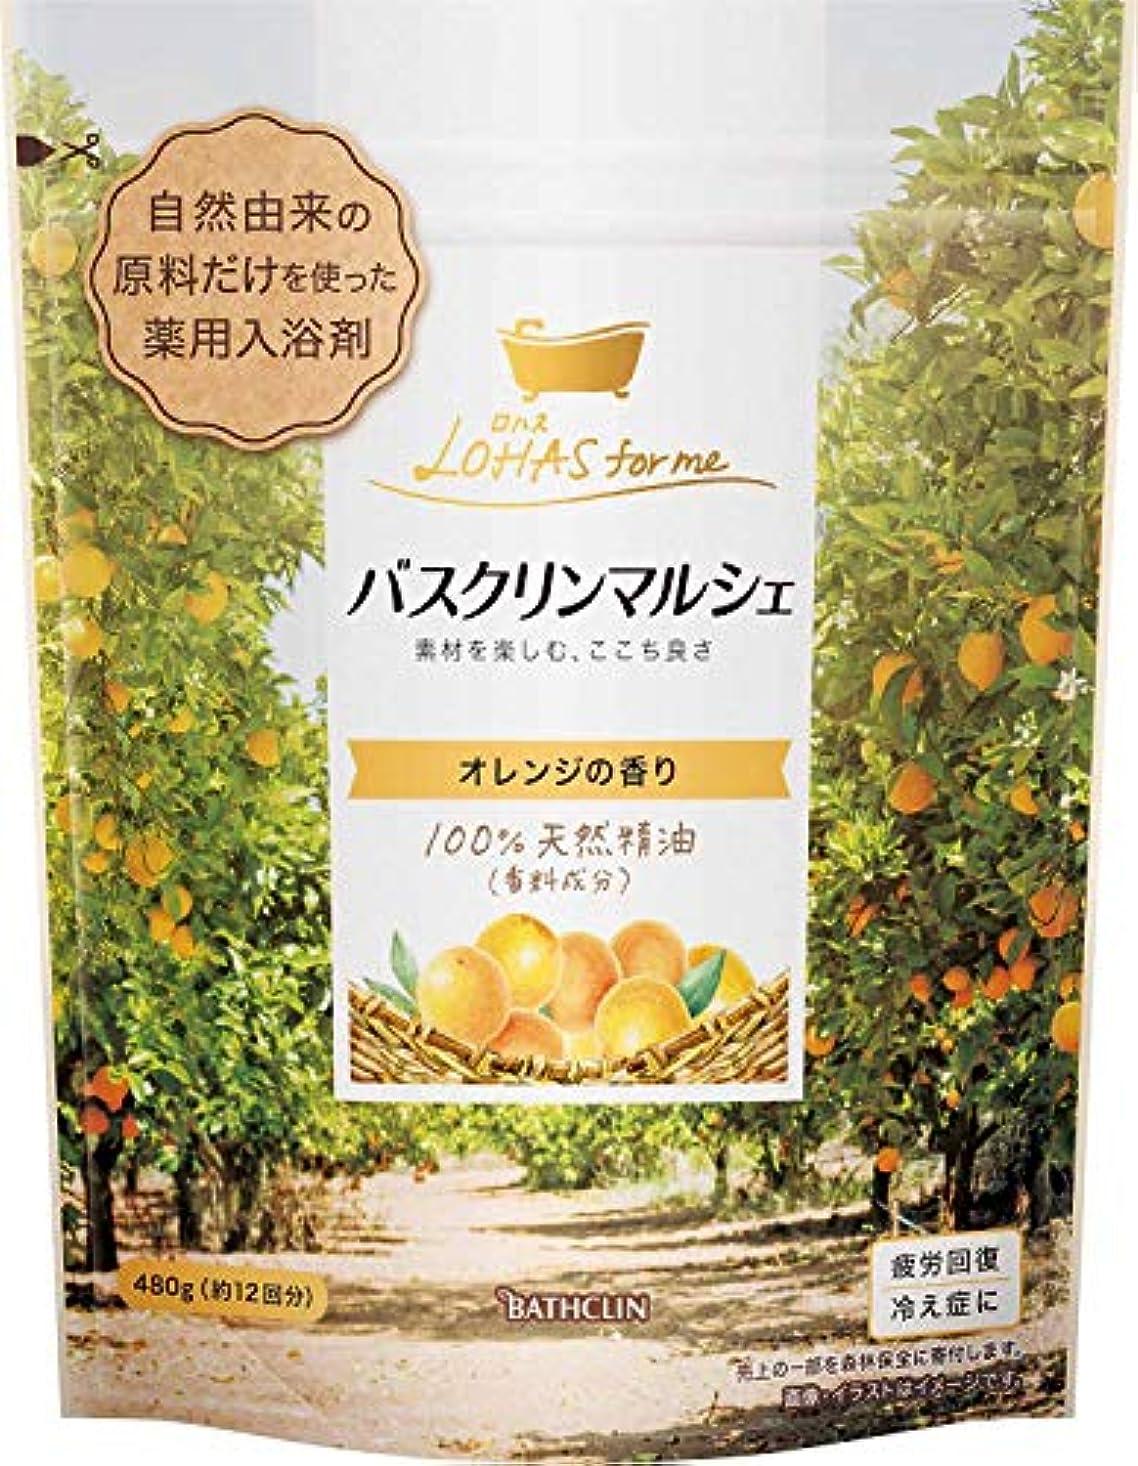 繰り返すライドスキャンダル【医薬部外品/合成香料無添加】バスクリンマルシェ入浴剤 オレンジの香り480g 自然派ほのかなやさしい香り